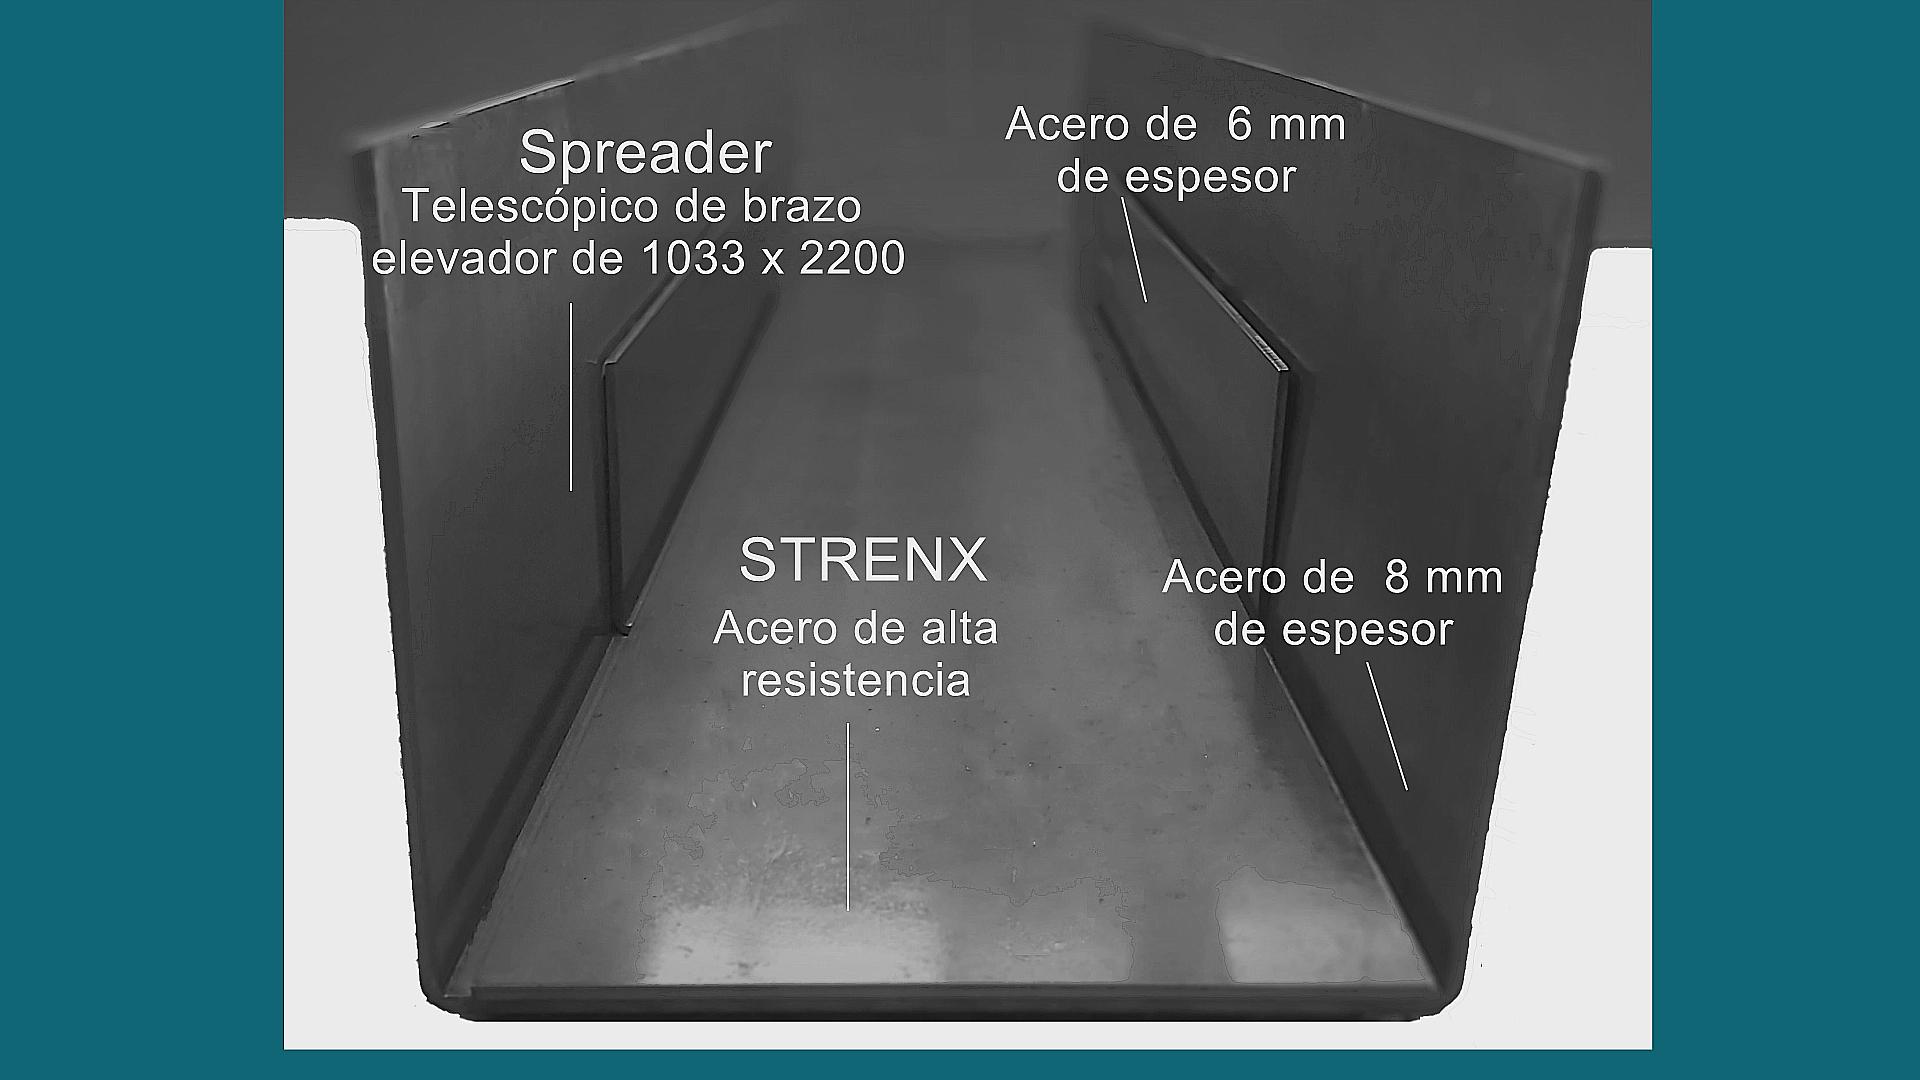 SPREADER CONTAINERA TELESCOPICO DE BRAZO ELEVADOR CON UNA PIEZA EN ACERO ESTRUCTURAL DE ALTA RESISTENCIA STRENX